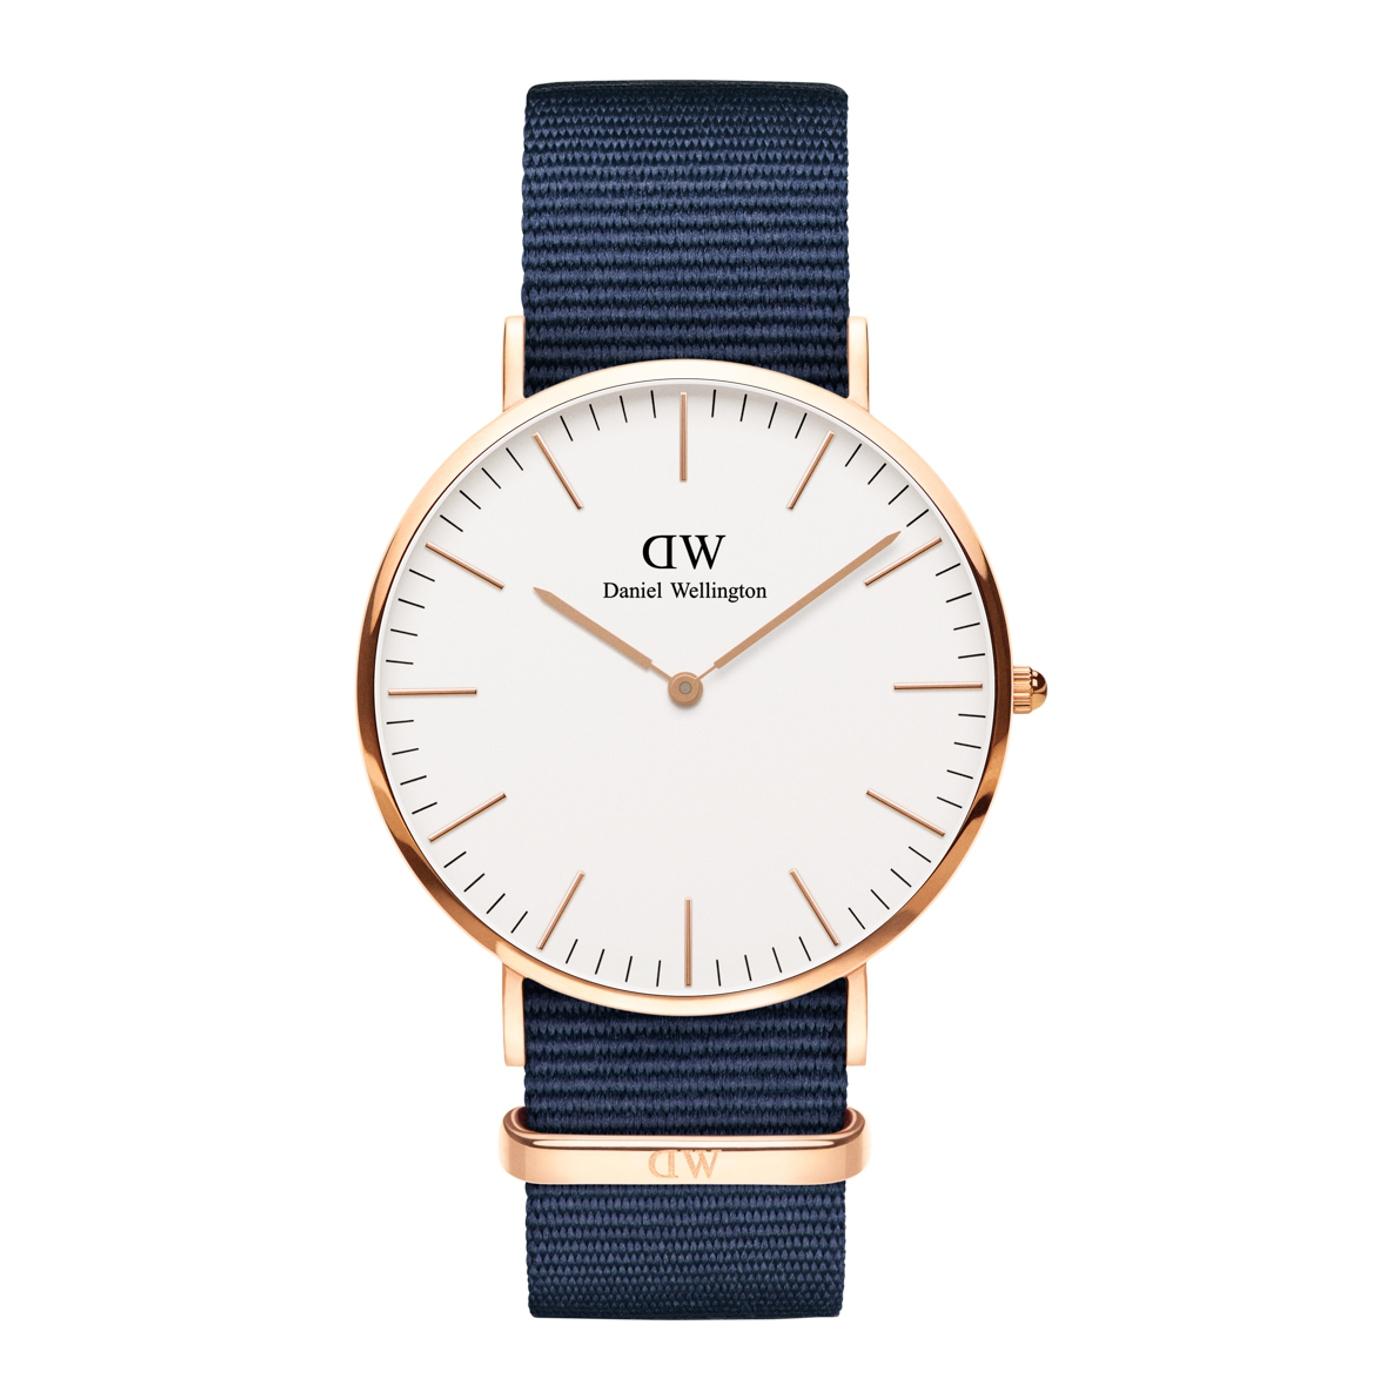 Afbeelding van Daniel Wellington Classic Bayswater horloge DW00100275 (40 mm)